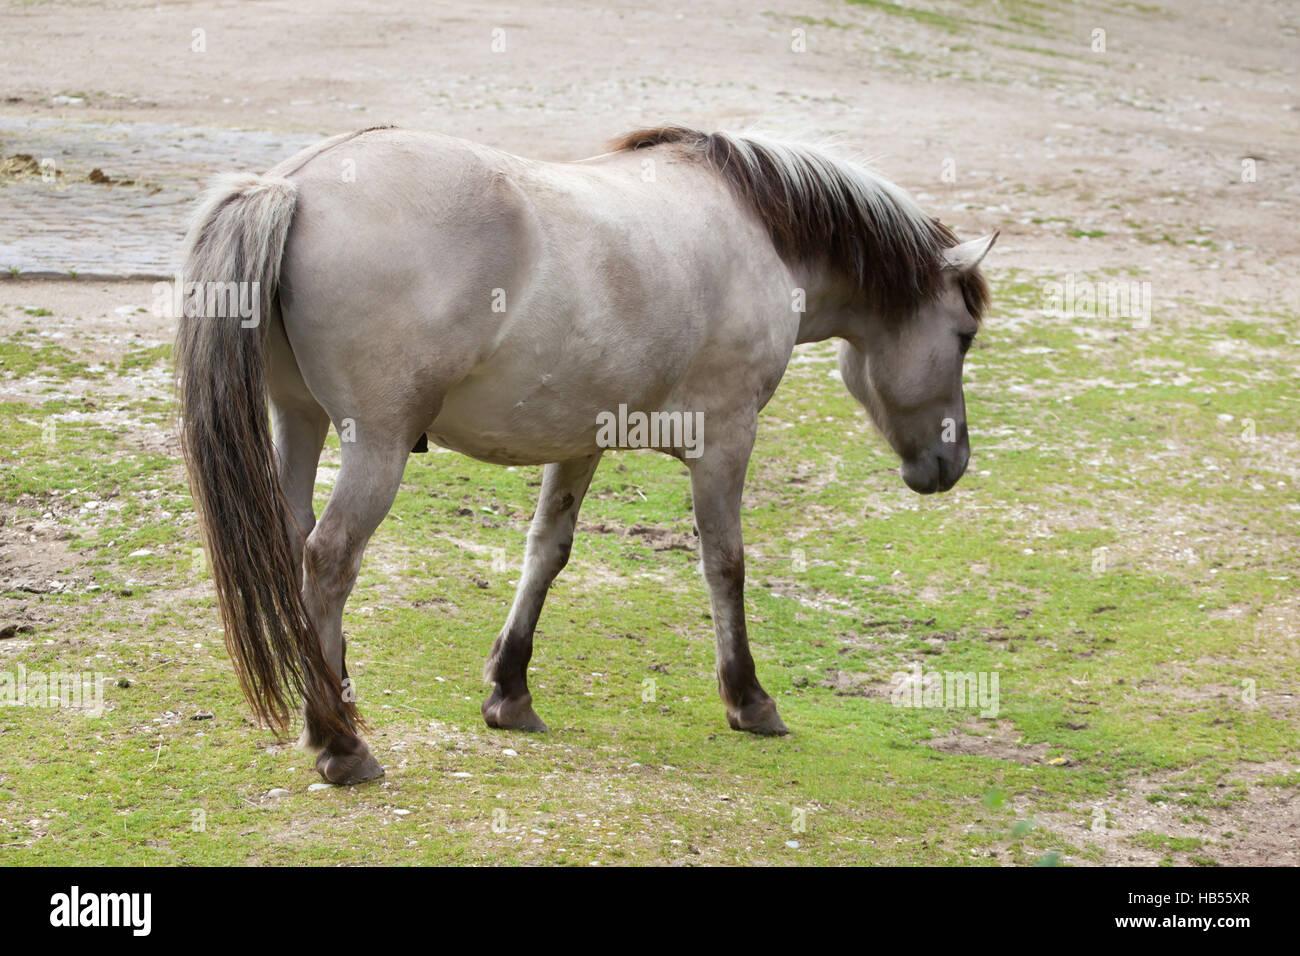 Heck horse (Equus ferus caballus), claimed to resemble the extinct tarpan (Equus ferus ferus) at Hellabrunn Zoo - Stock Image